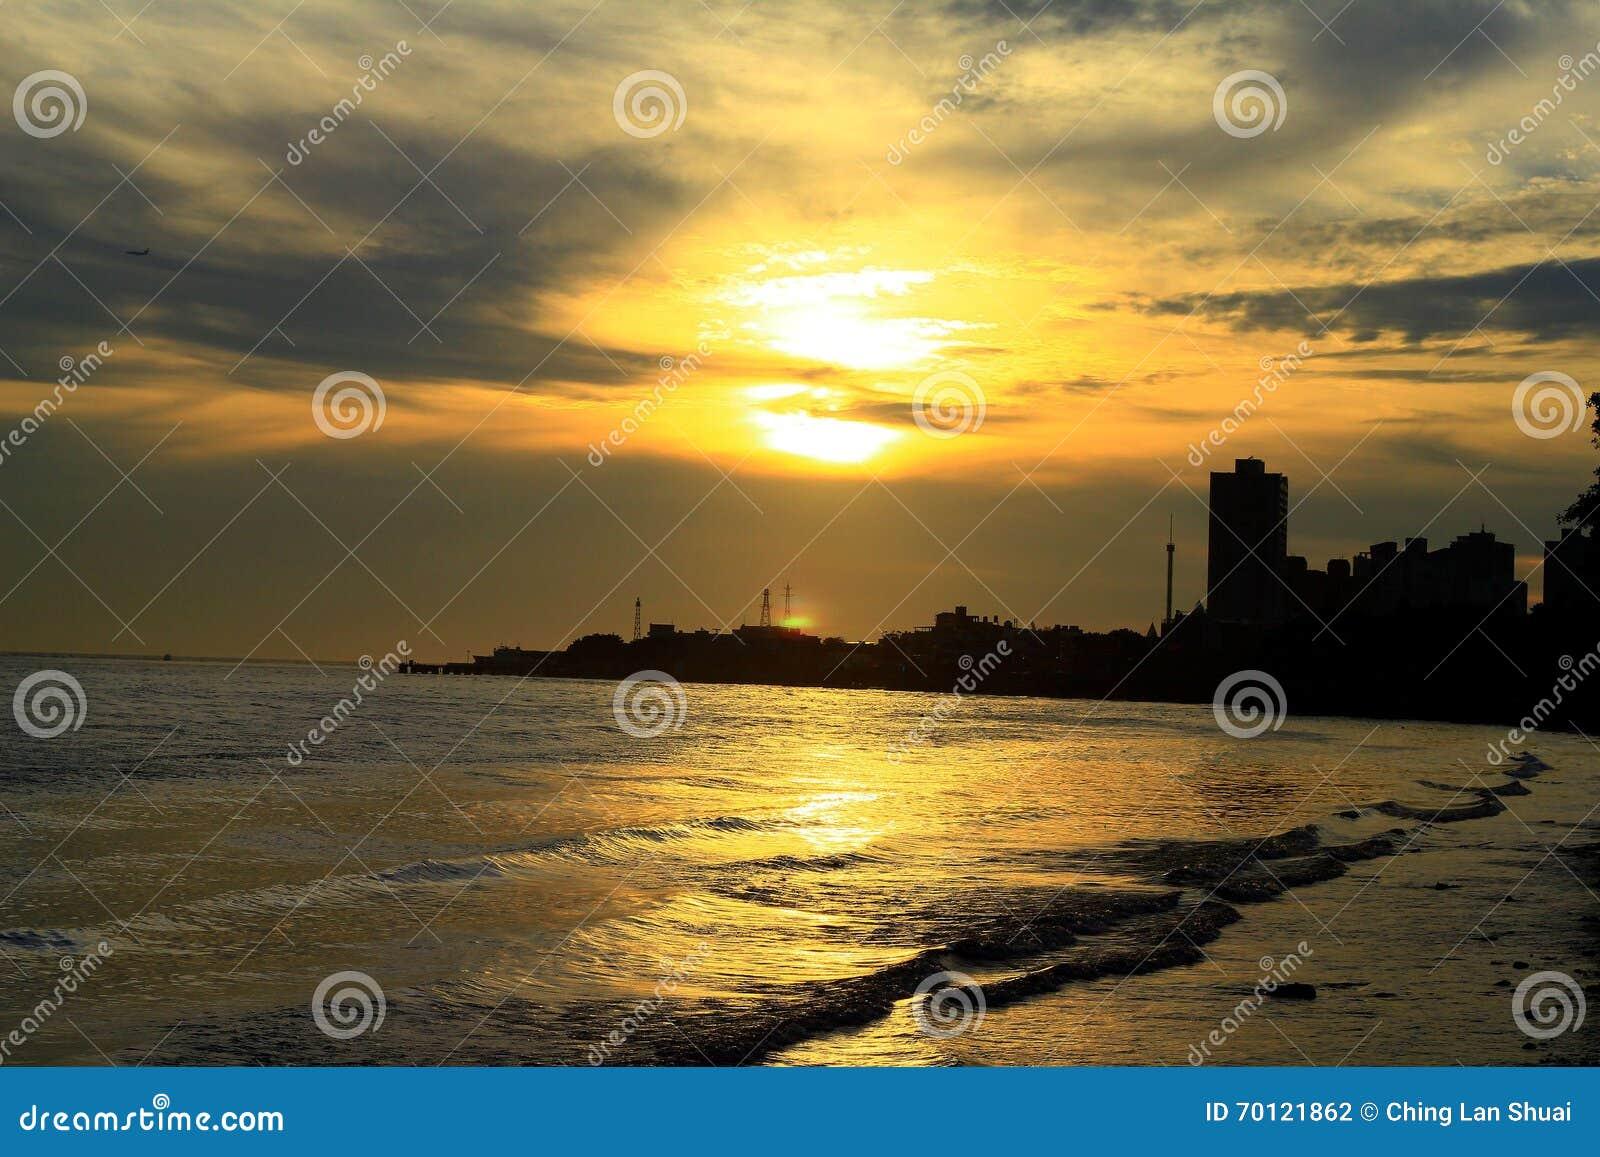 Puesta Del Sol Fotograf A Editorial Imagen 70121862